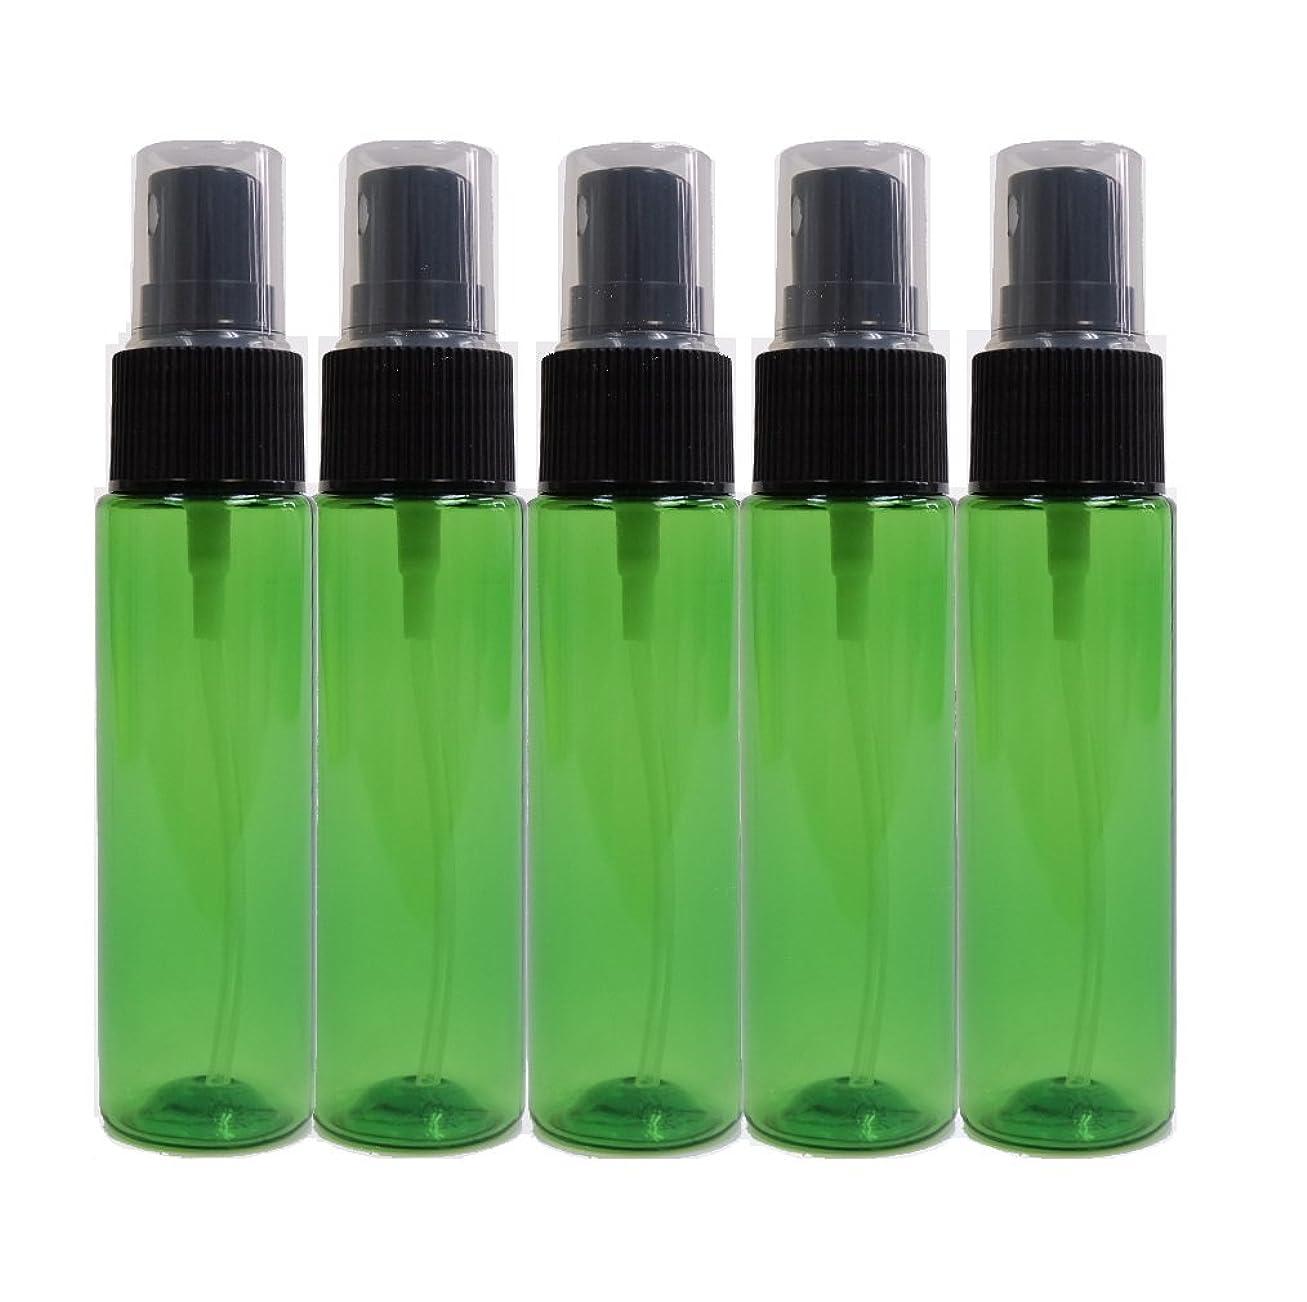 シネマ摂氏同じease 保存容器 スプレータイプ プラスチック 緑色 30ml×5本